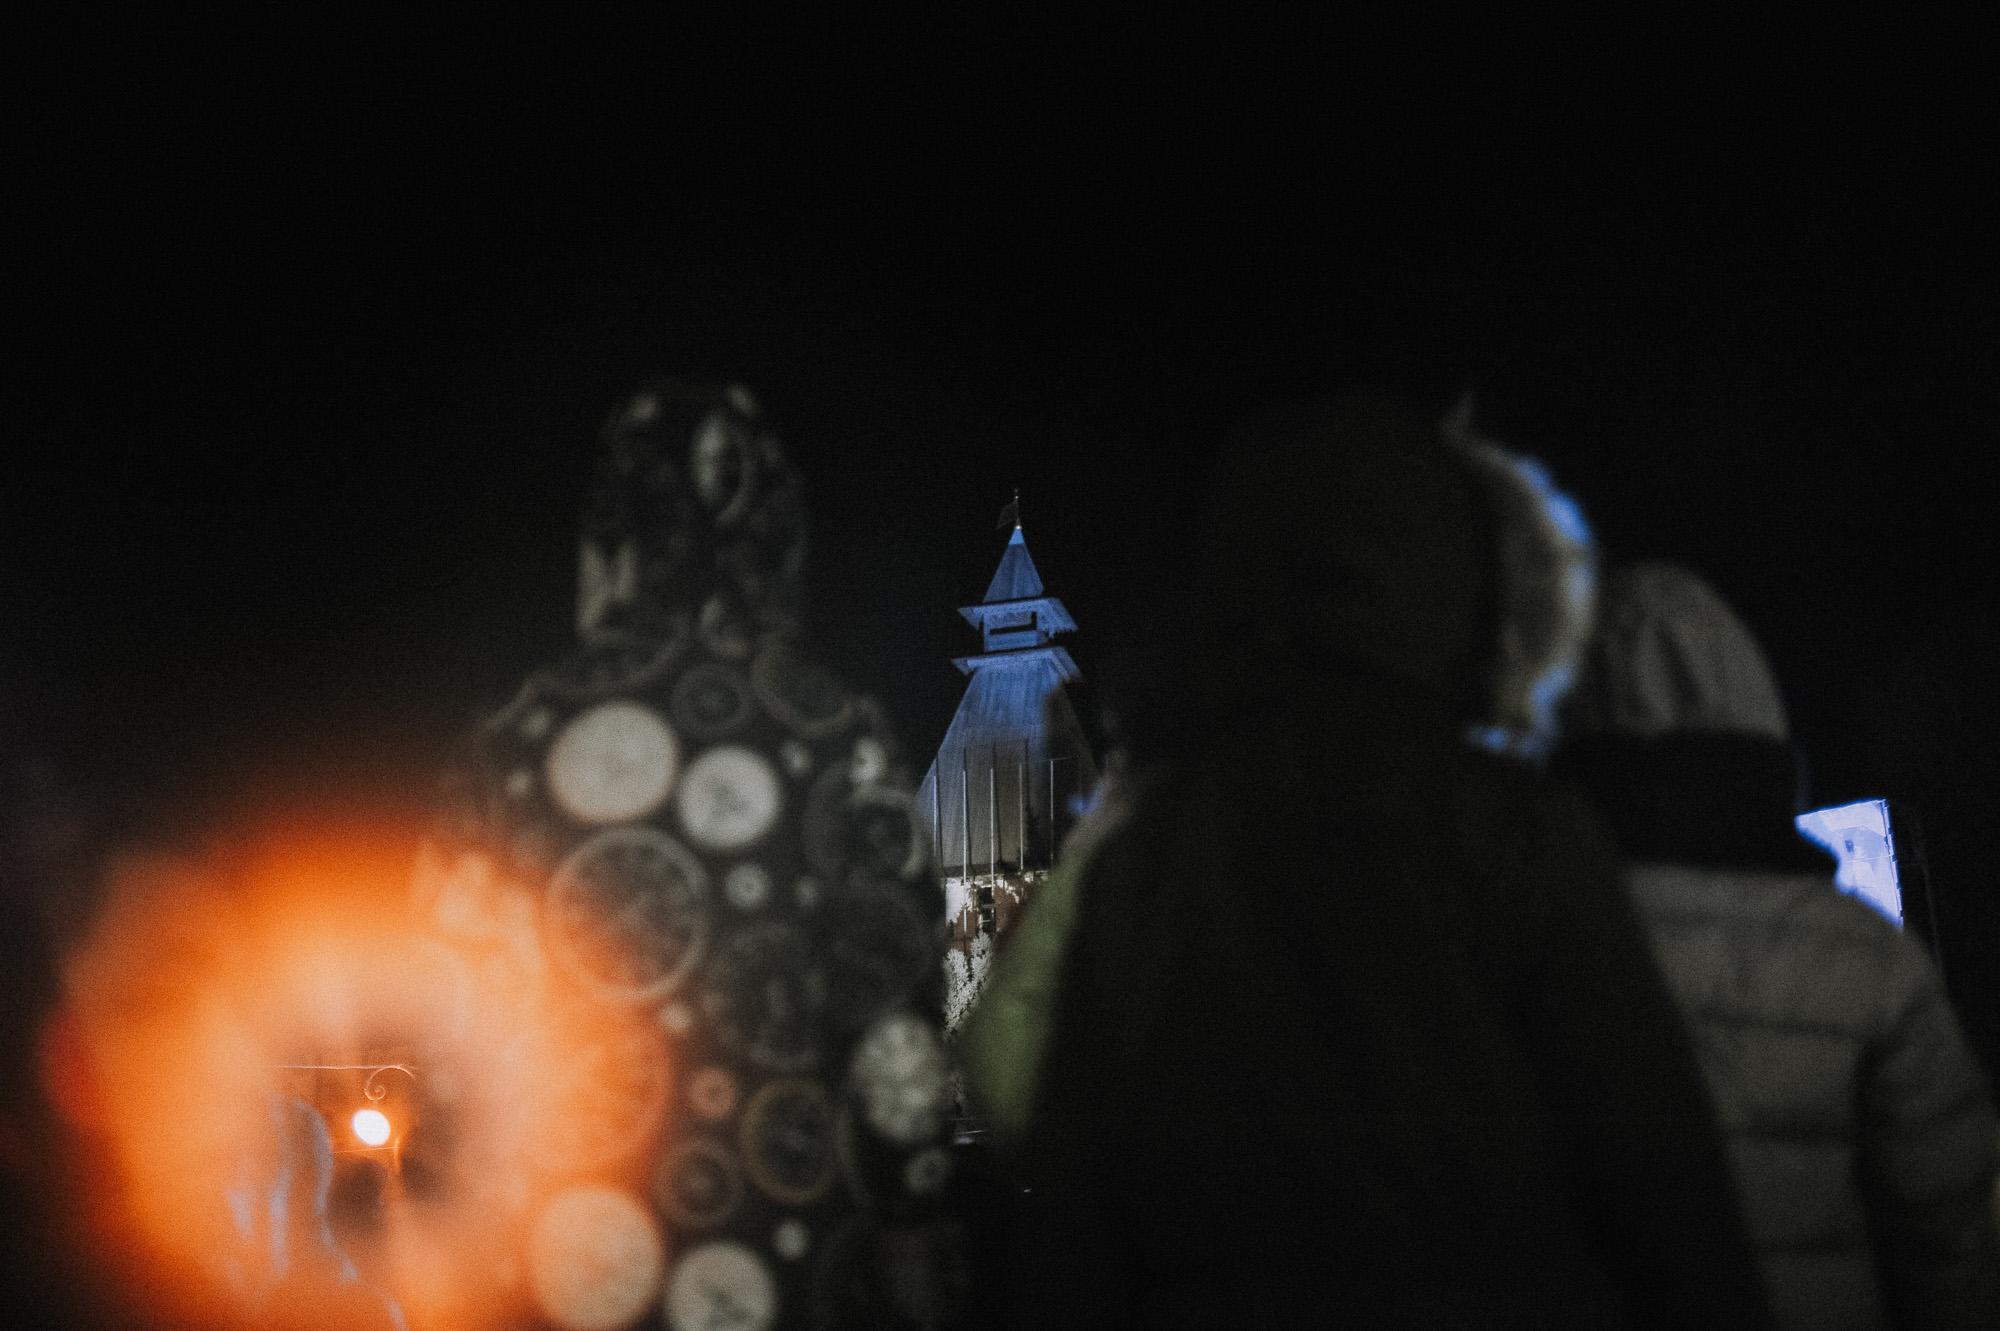 ZZZ 6898 В Астрахани на площади Ленина зажгли новогоднюю елку: кадры торжества